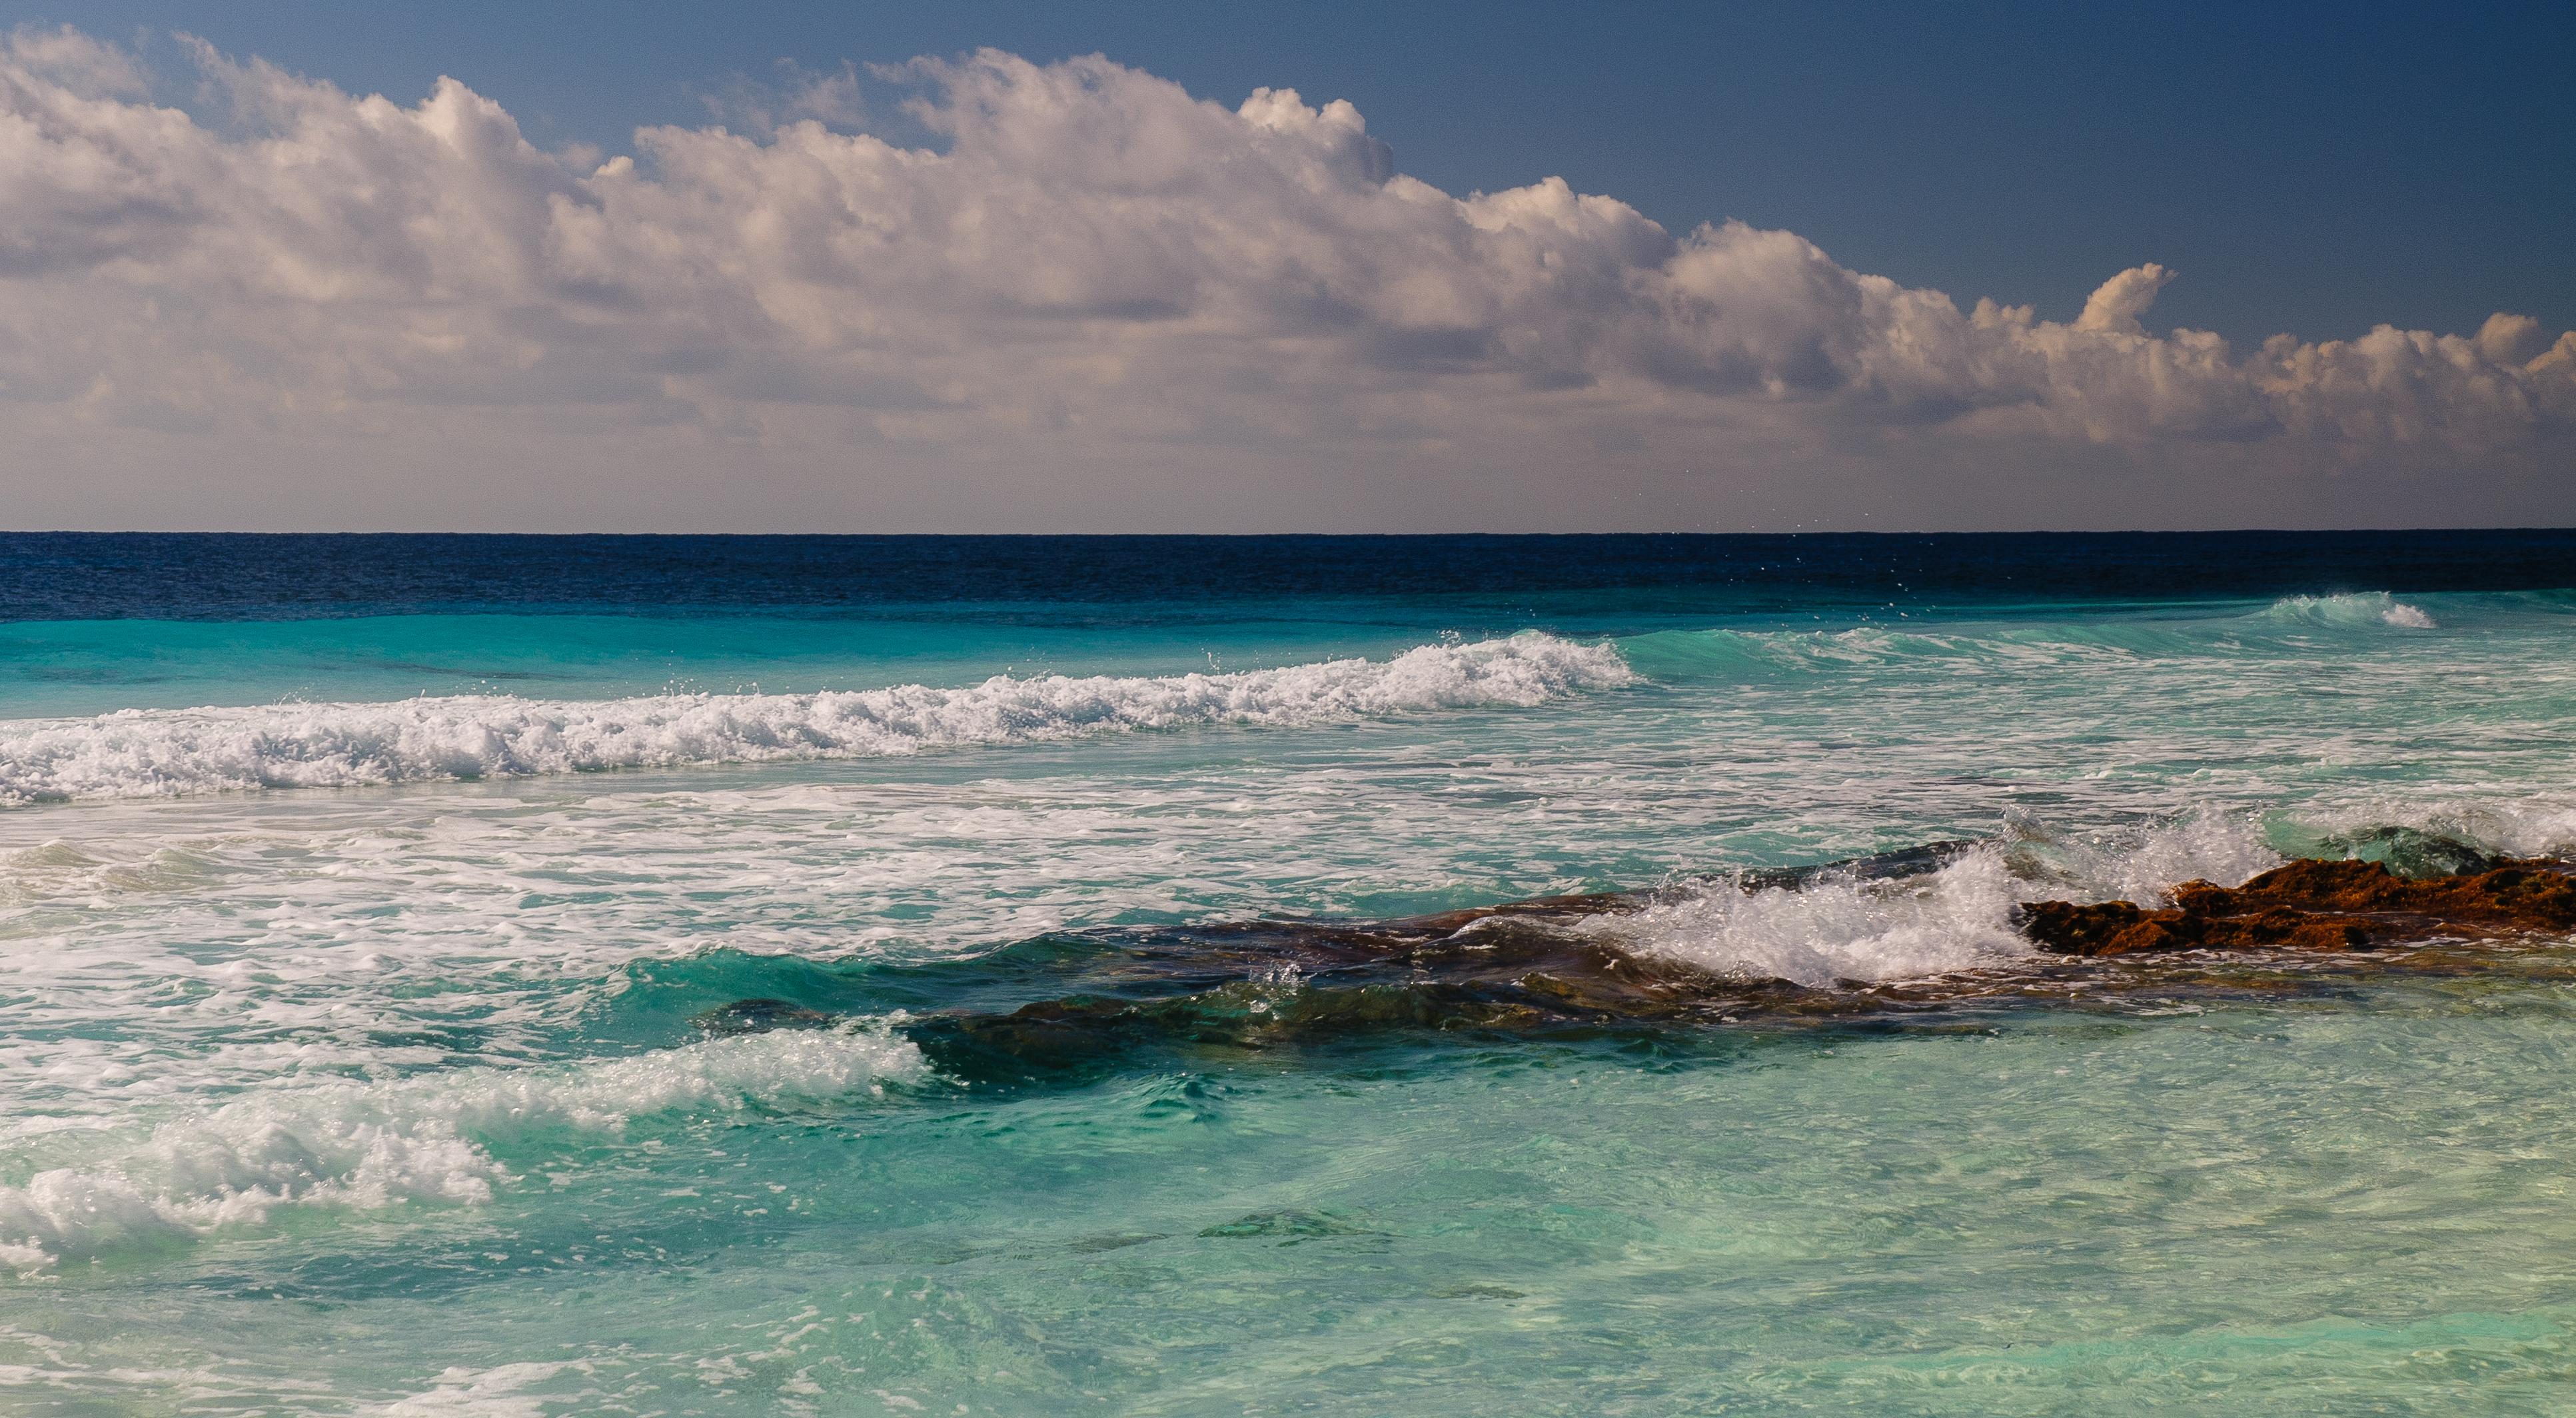 мартини красивые фото океана с побережьем легкие материалы дарят